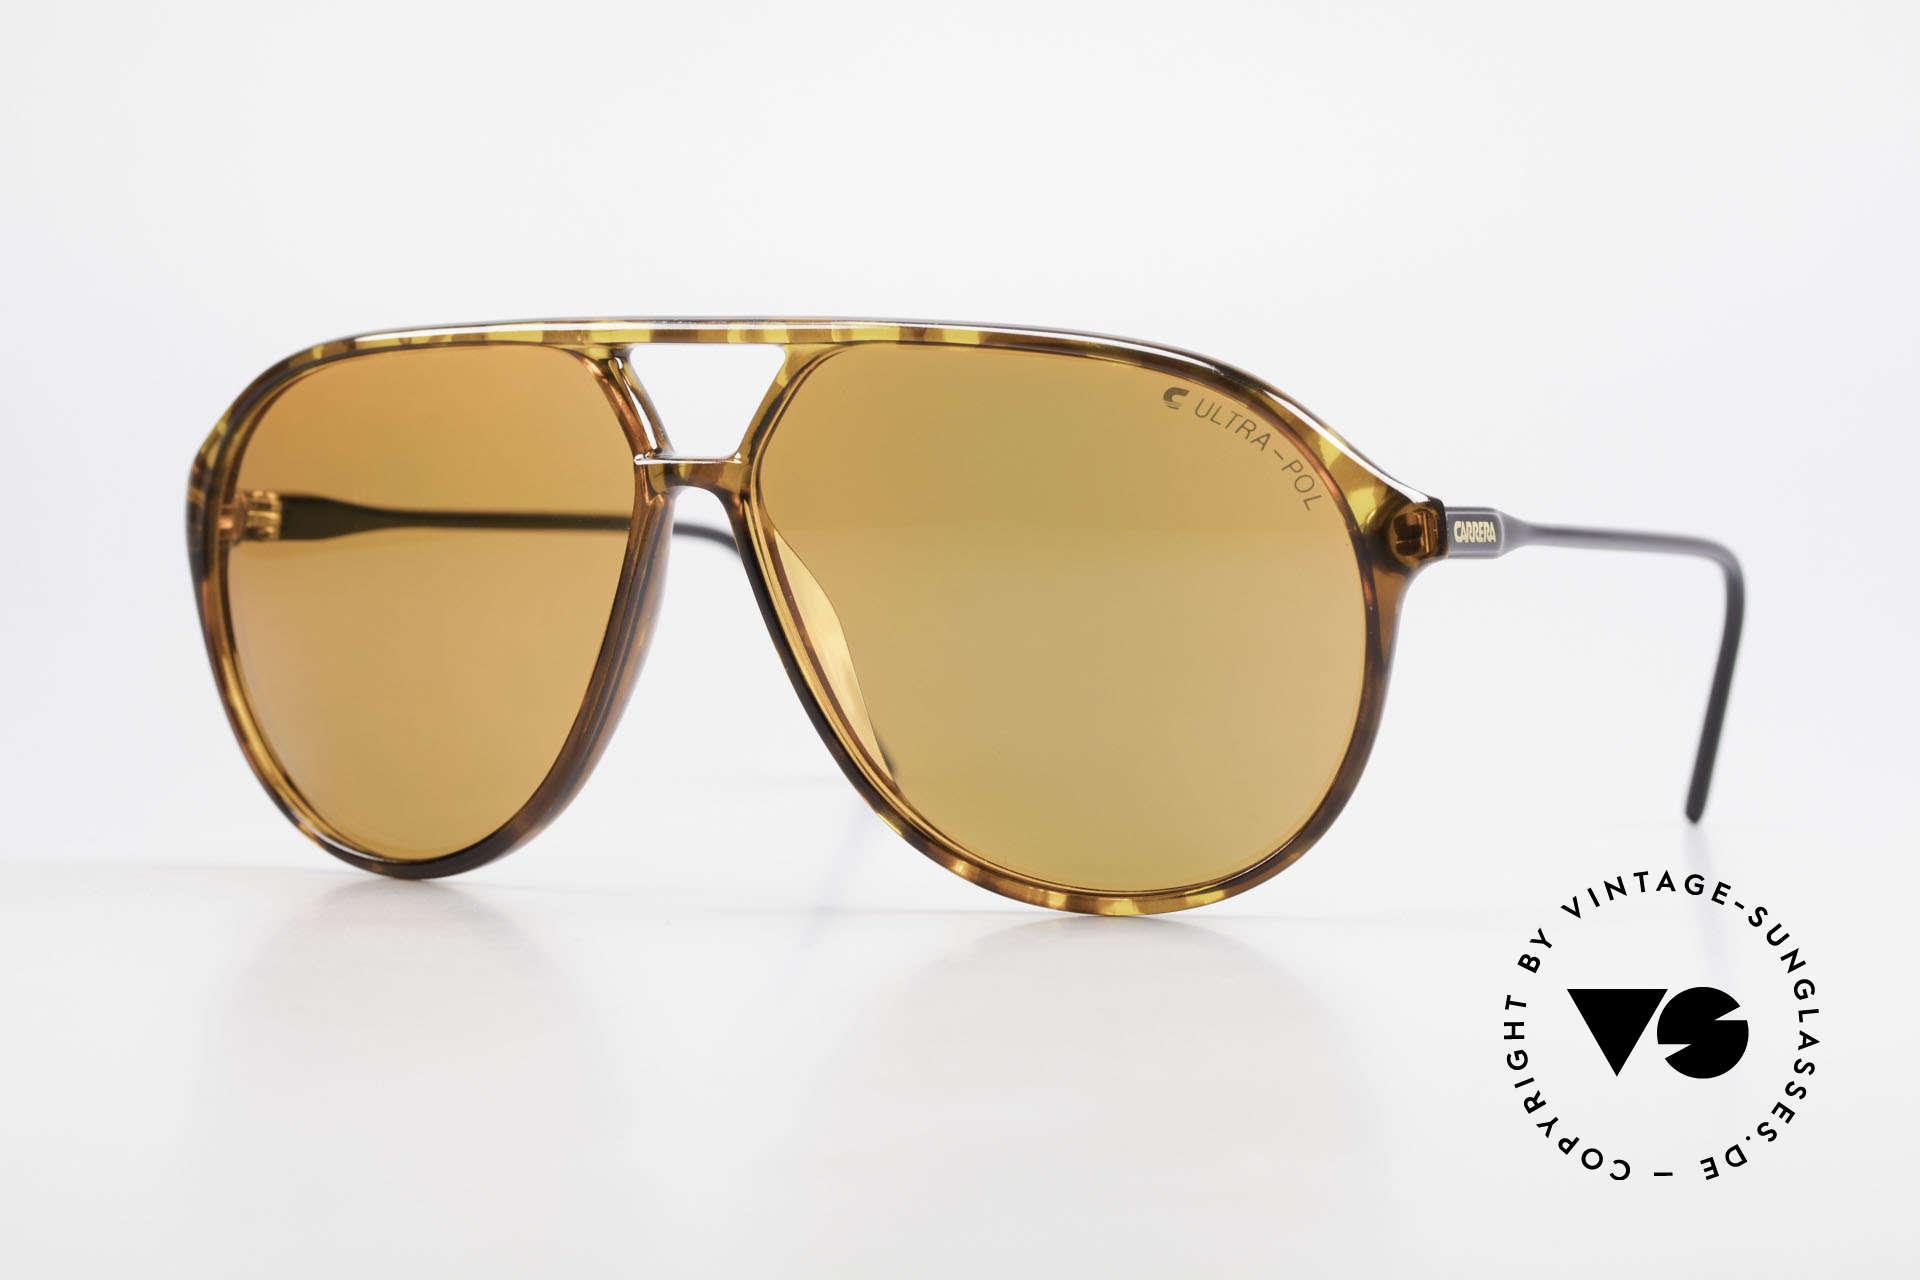 Carrera 5425 Sonnenbrille Polarisierend 80s, vintage Sonnenbrille der Carrera Kollektion 1989/1990, Passend für Herren